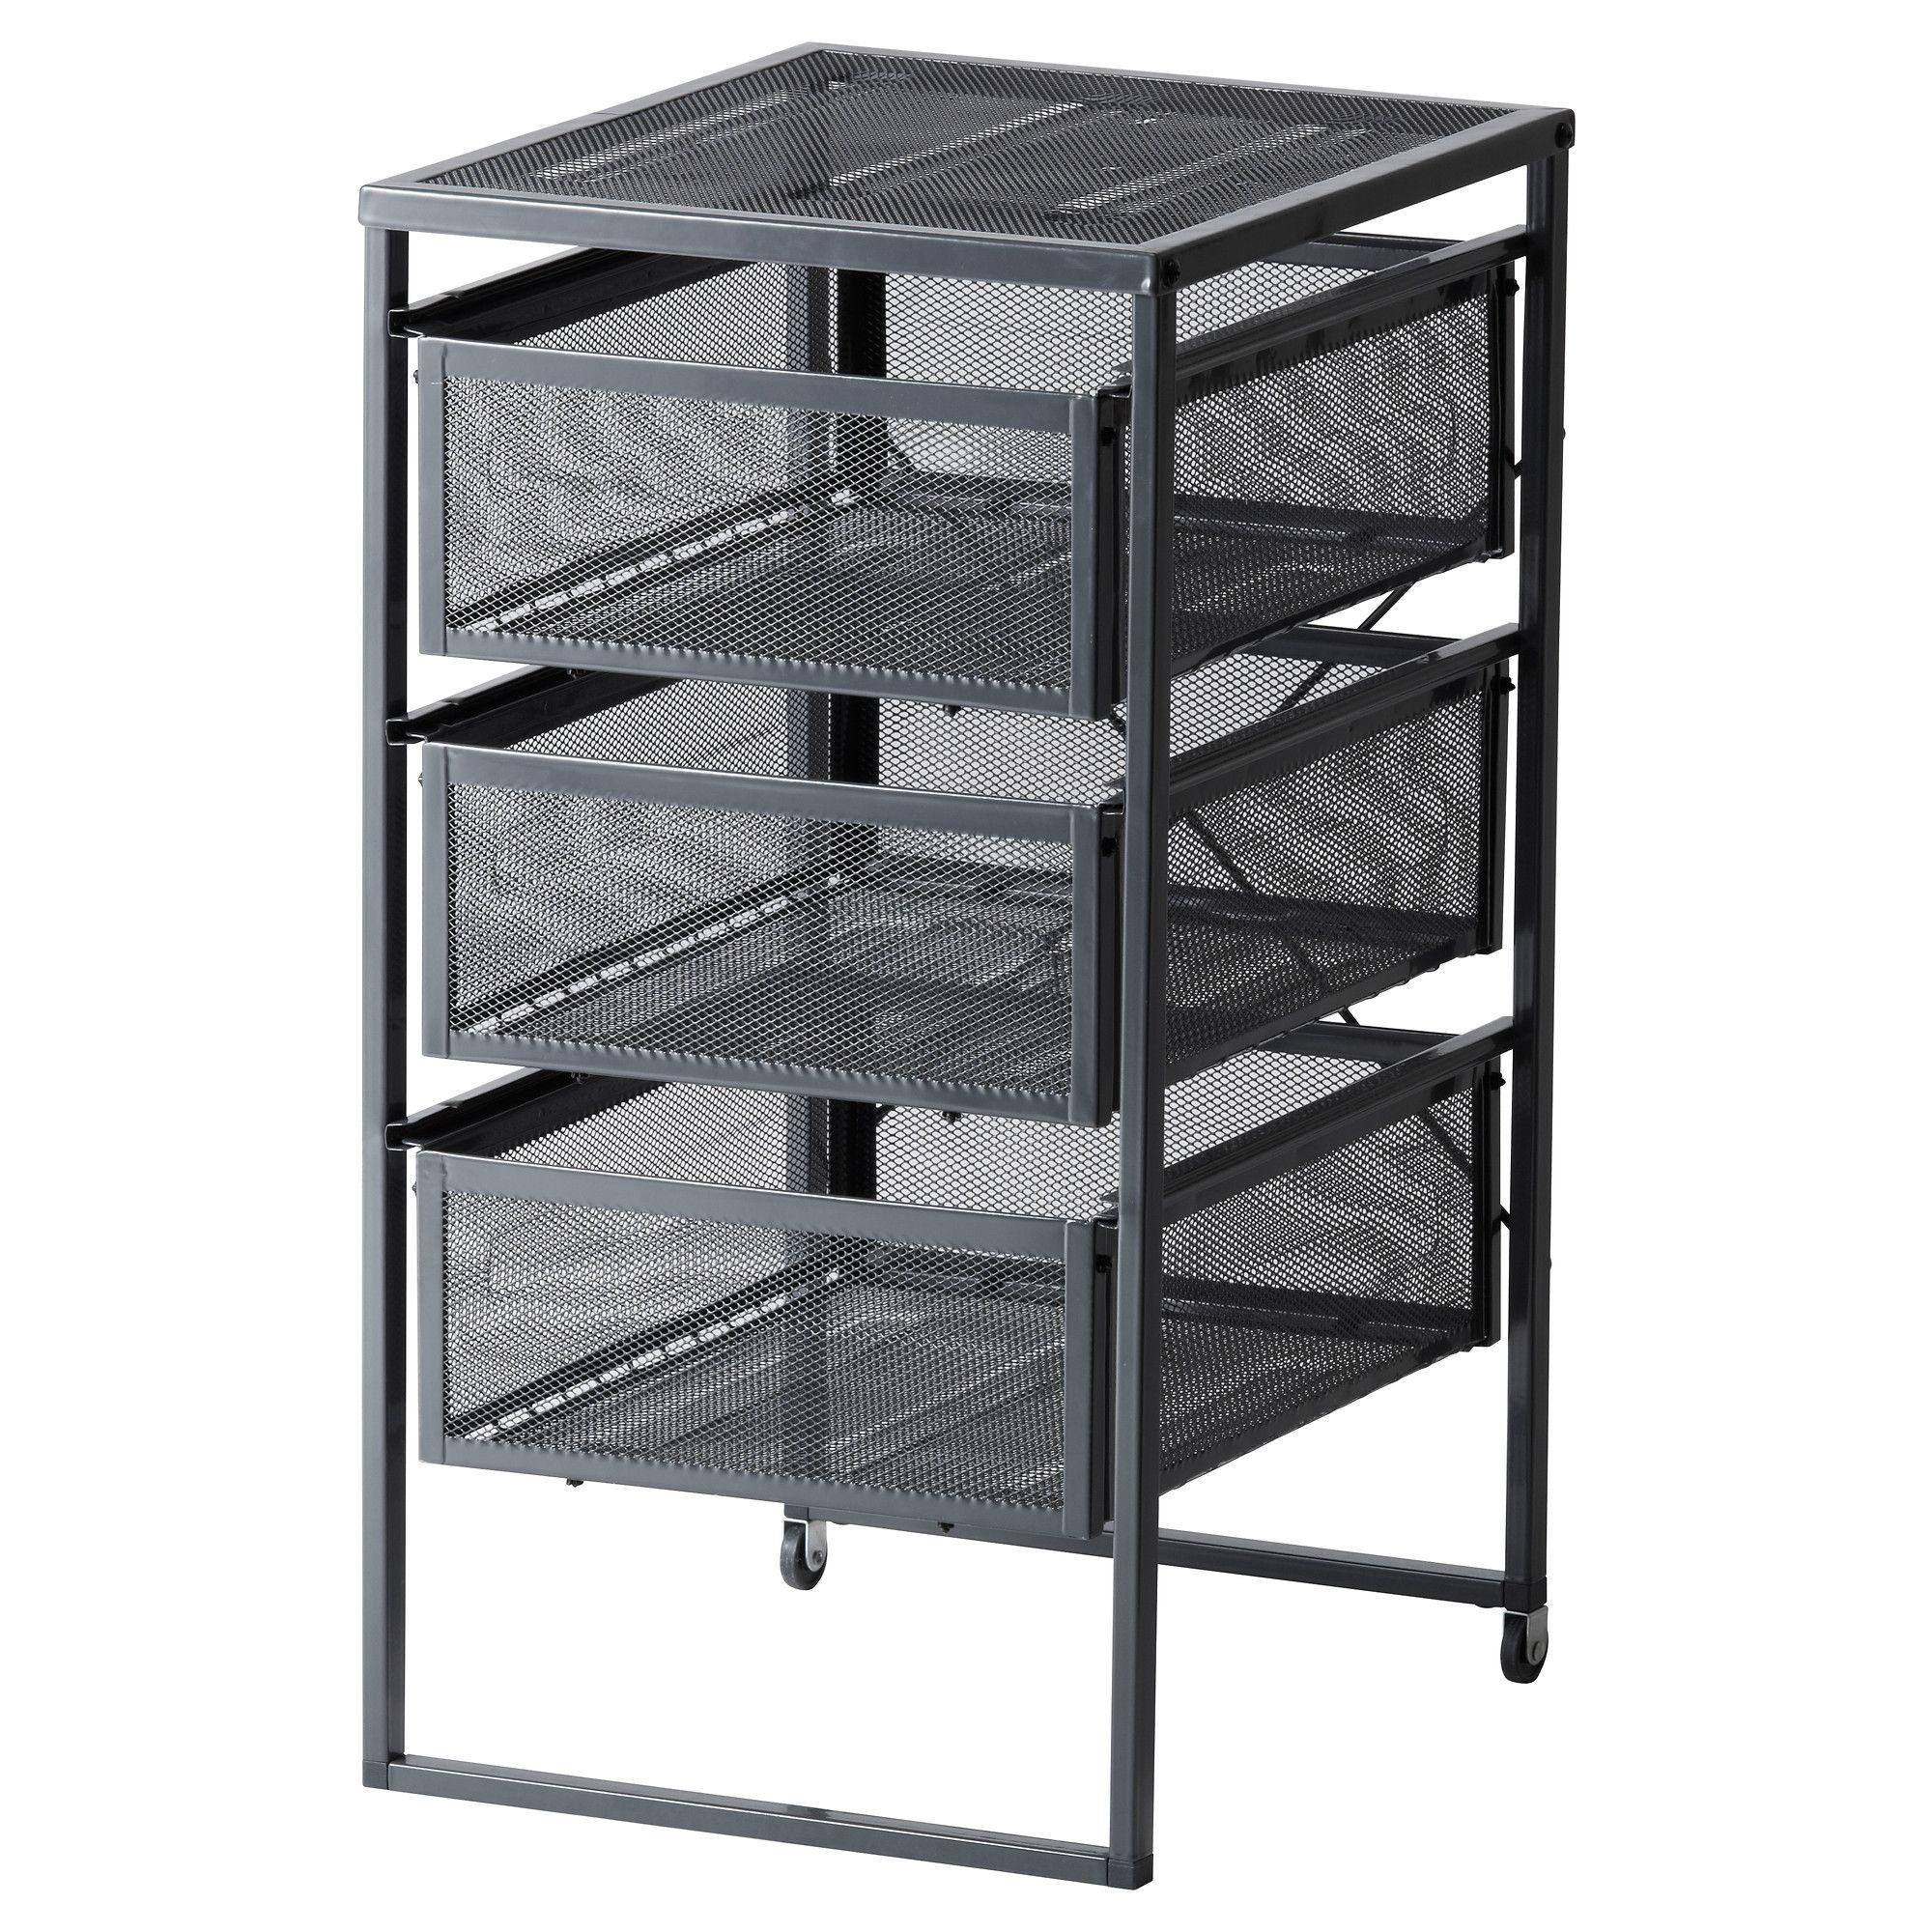 kitchen drawer organizer ikea storage baskets lennart unit repurpose for under cabinet